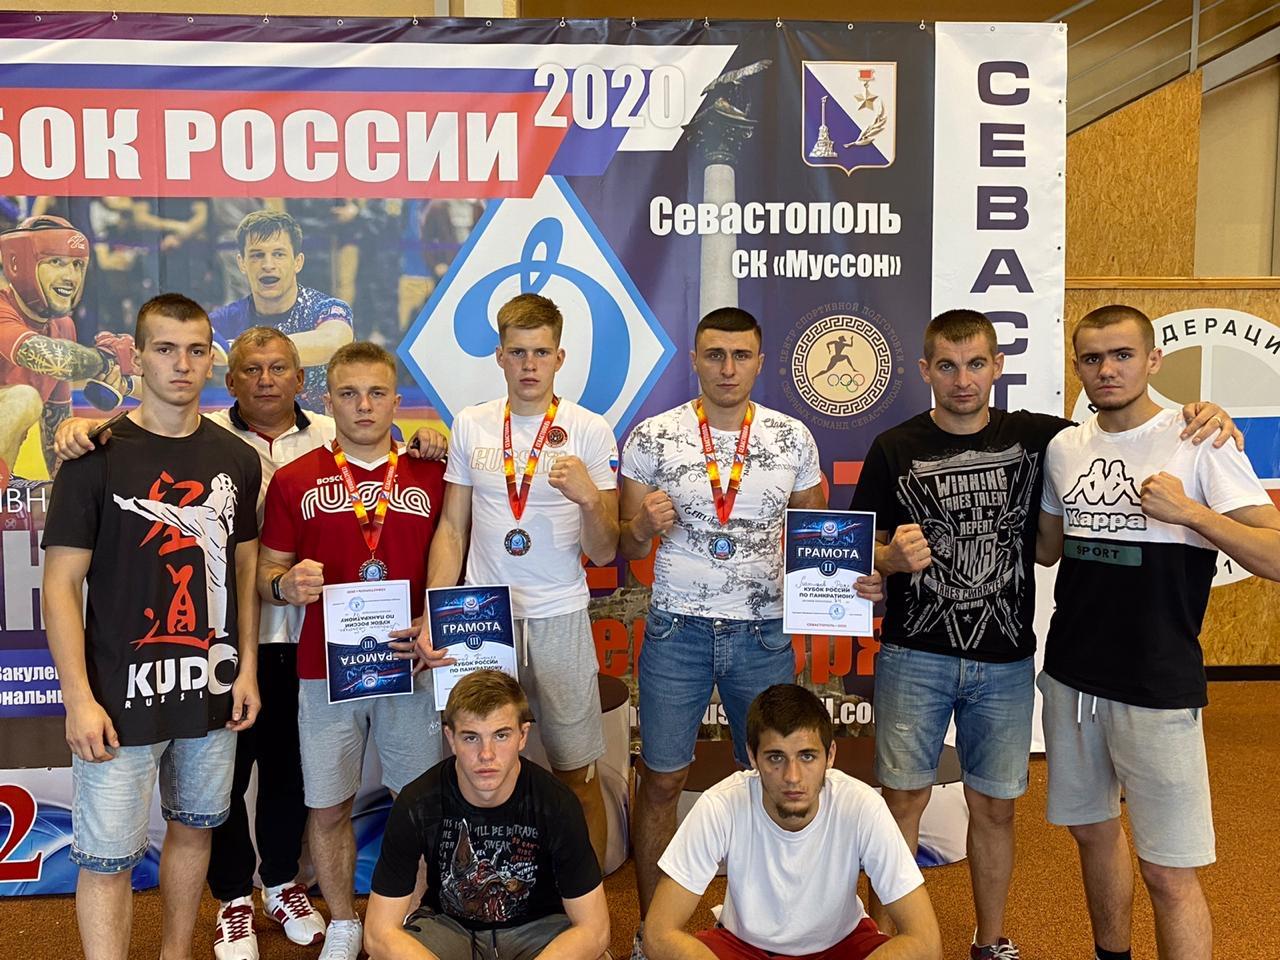 Фото: группа Вконтакте клуба «Отечество – Псковская область».